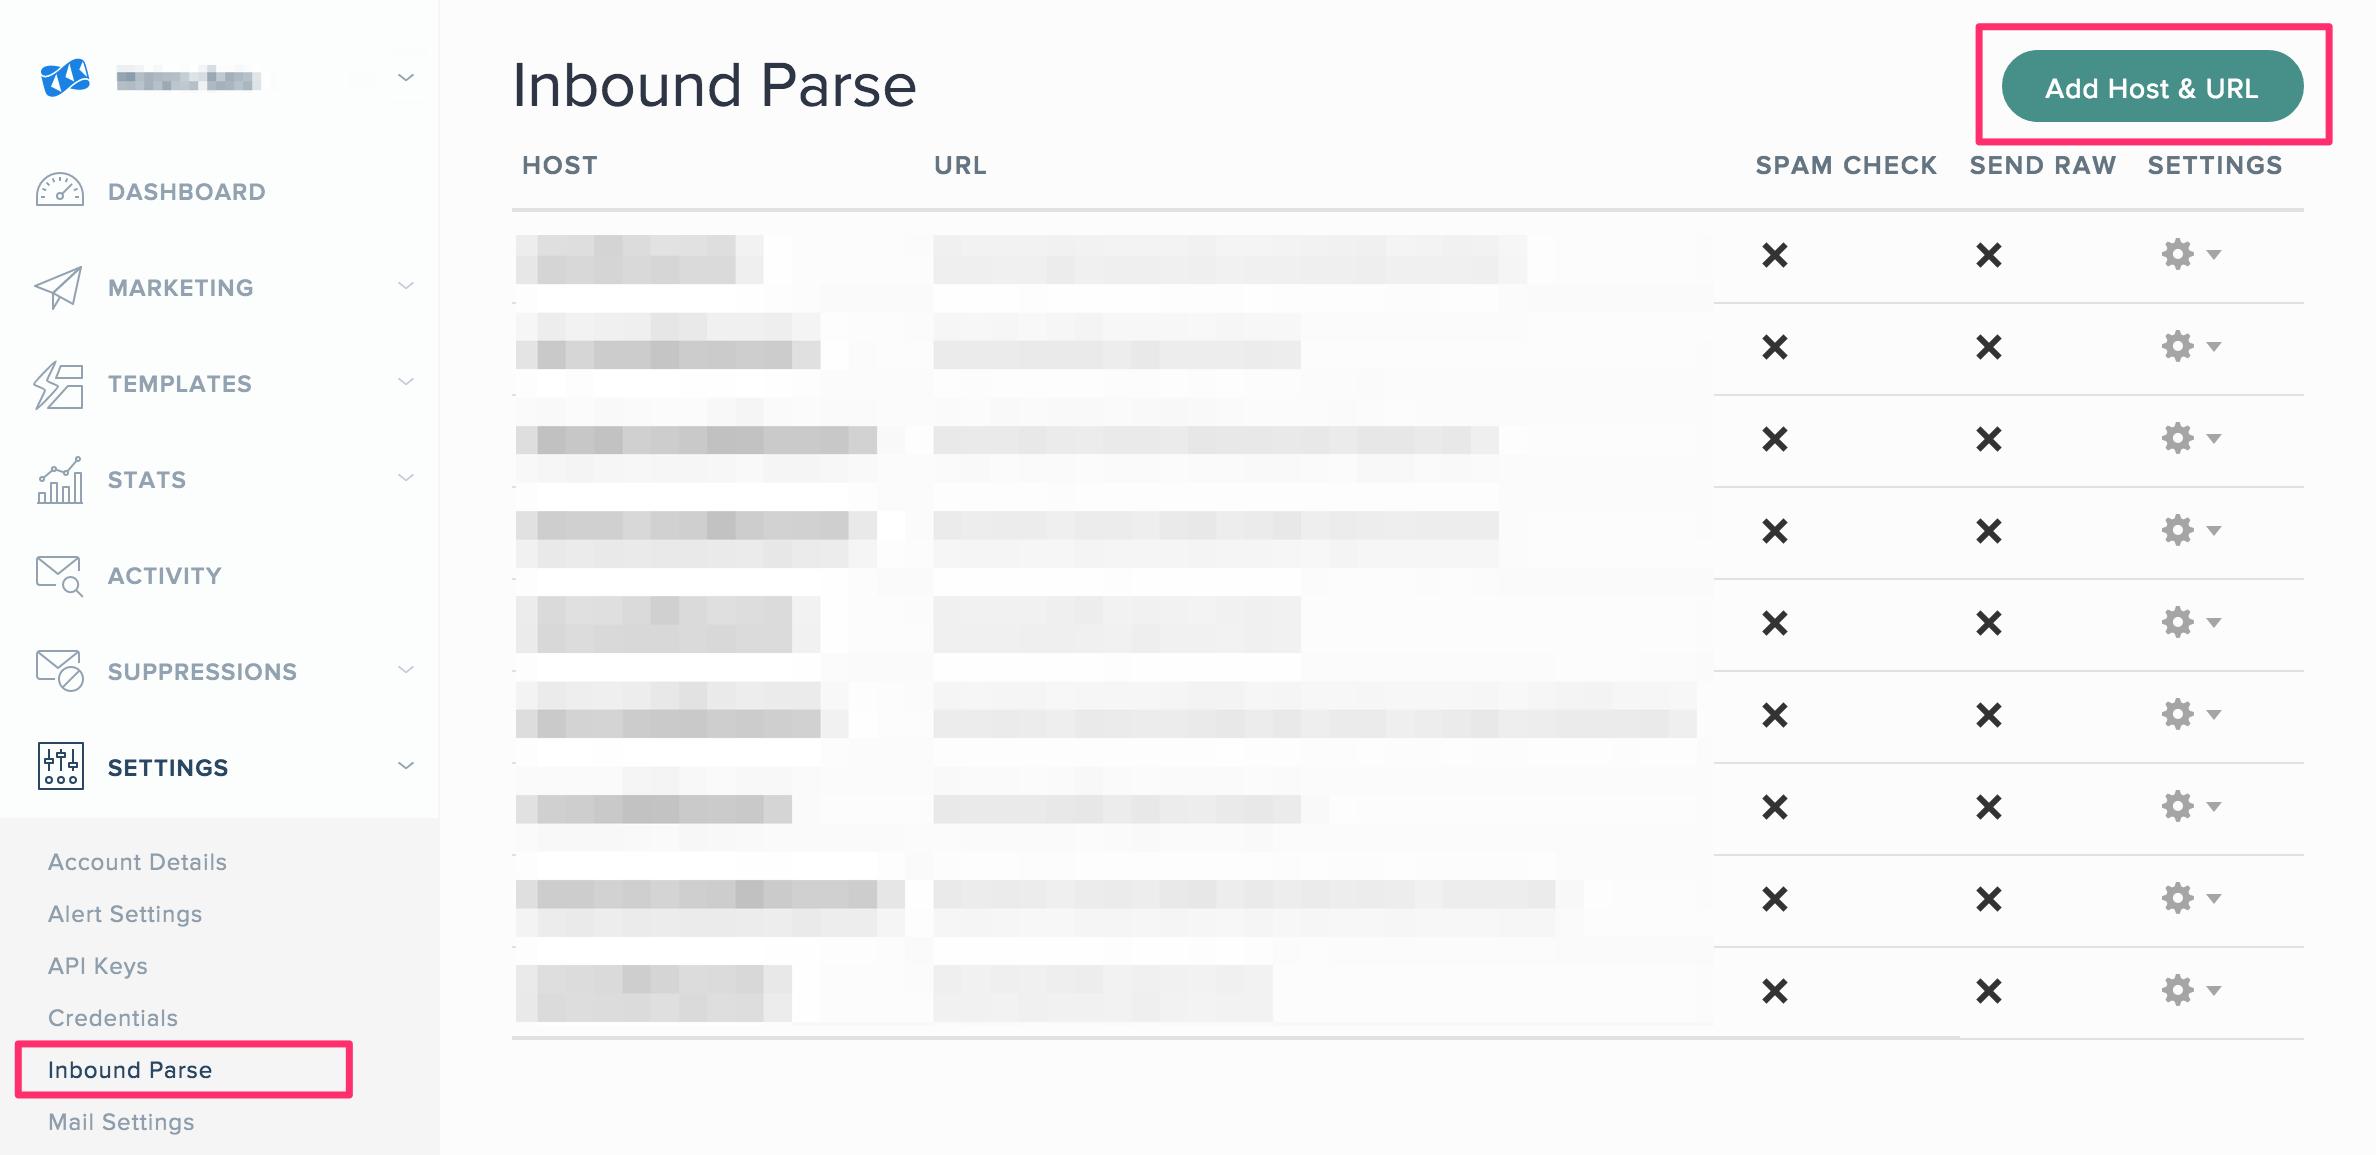 Inbound Parseの設定